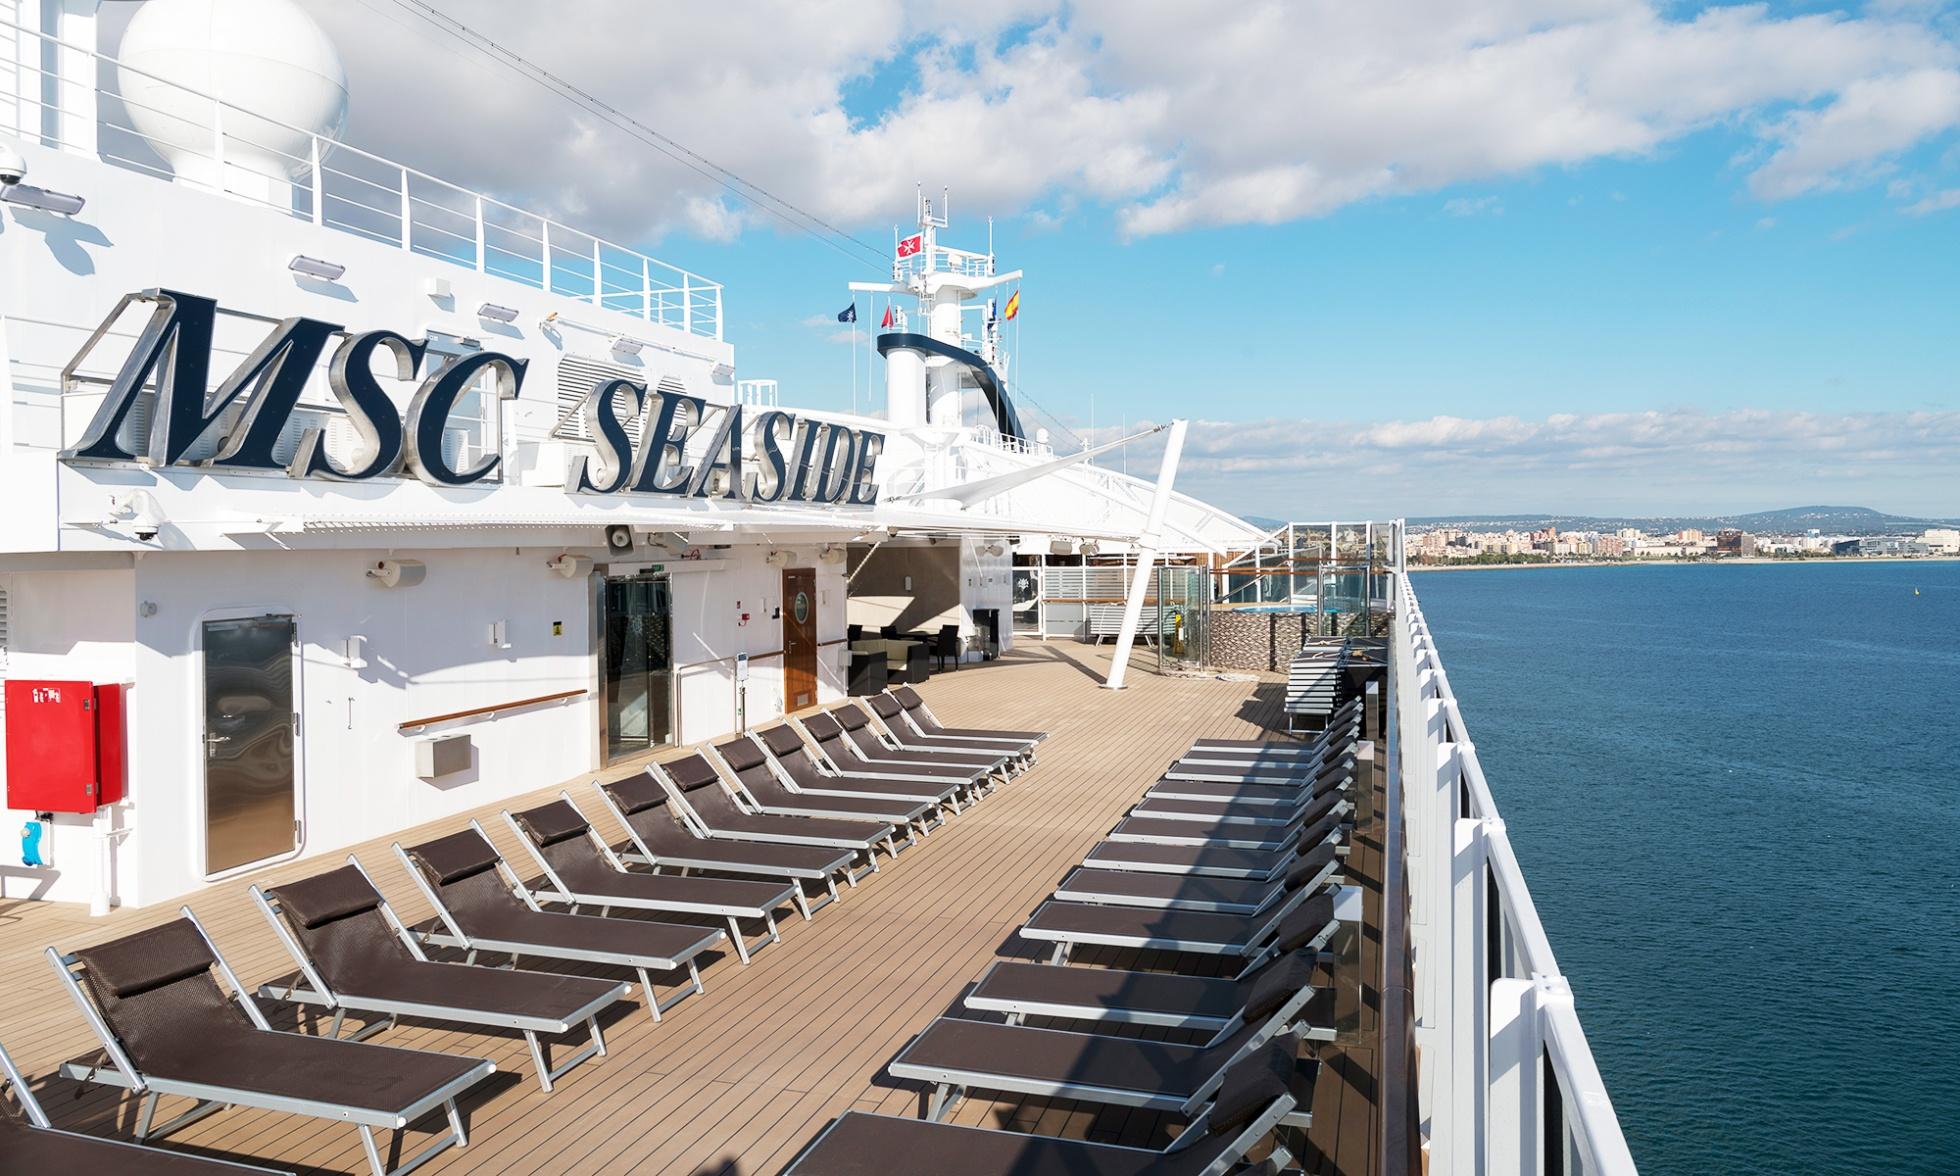 Crociera MSC Seaside Partenza 21 Agosto 7 Notti Cabina con Balcone cat. Fantastica